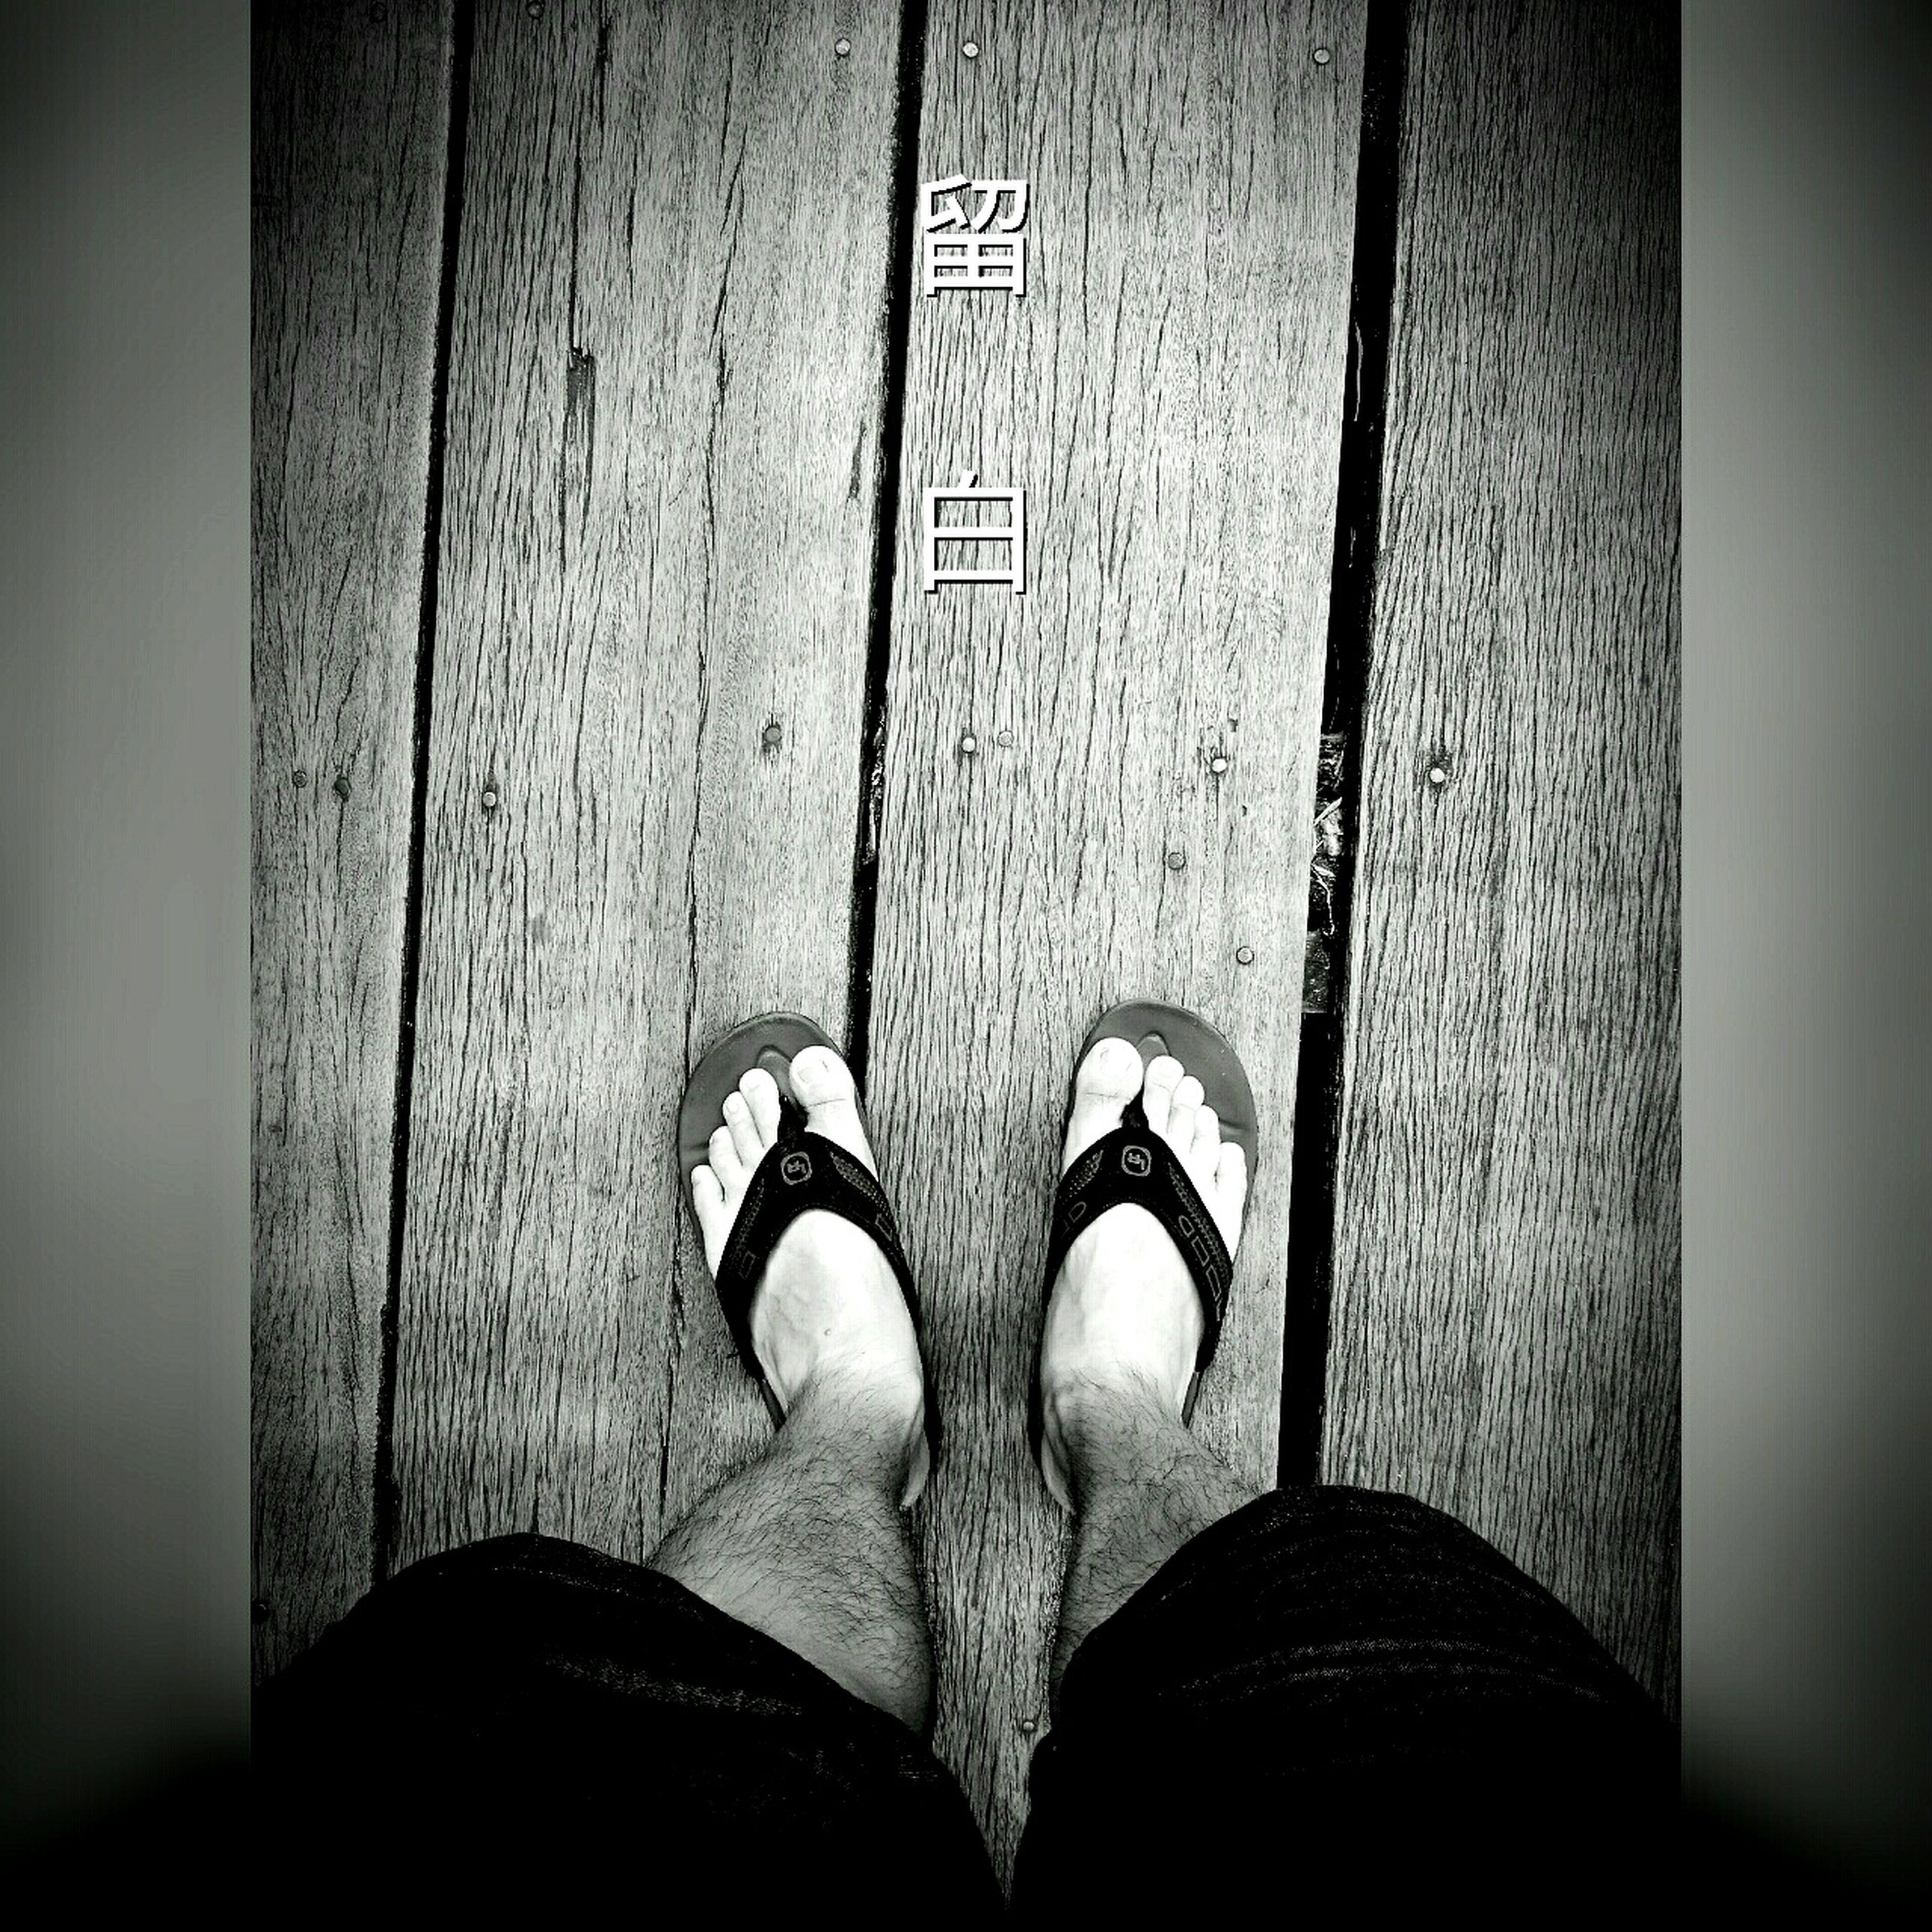 留白 Travel Alone Black & White The Story Behind The Picture My Pictures Every Picture Tells A Story Favorite Picture